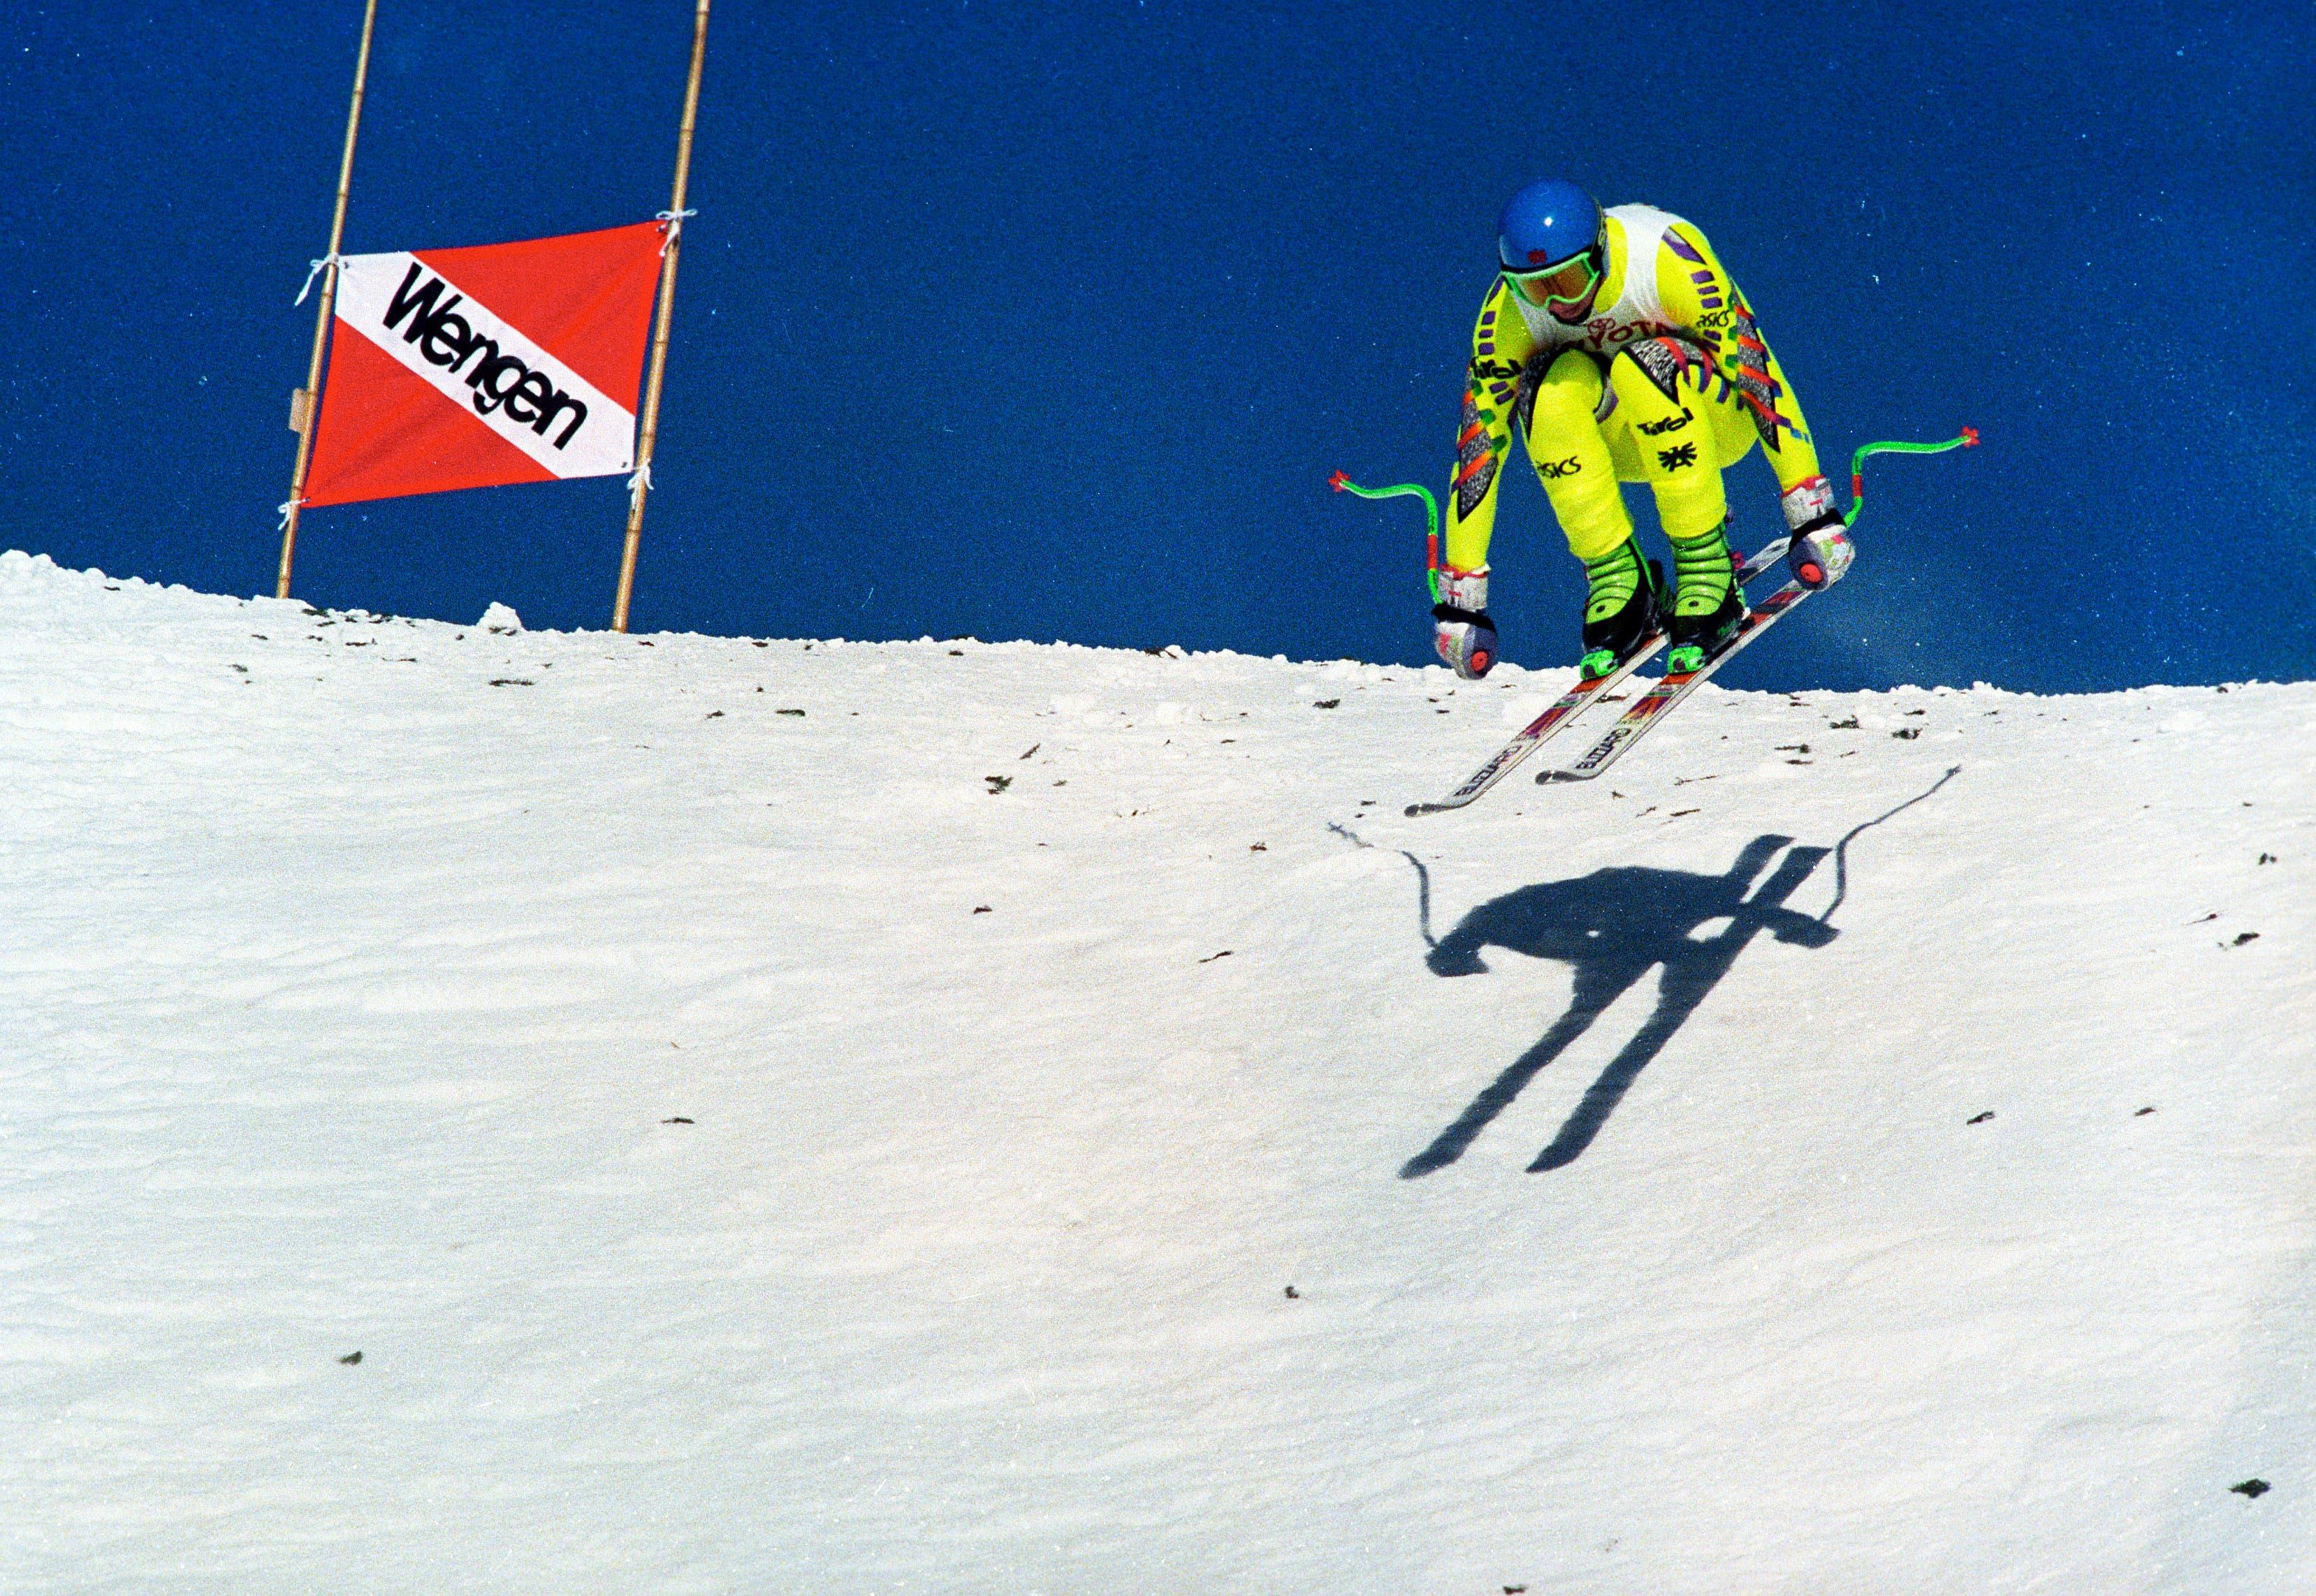 Wengen, 19.1.1991: Beim Ski Alpin-Rennen am Lauberhorn, verunglückt der Österreicher Gernot Reinstadler (21) beim Zielsprung tödlich.